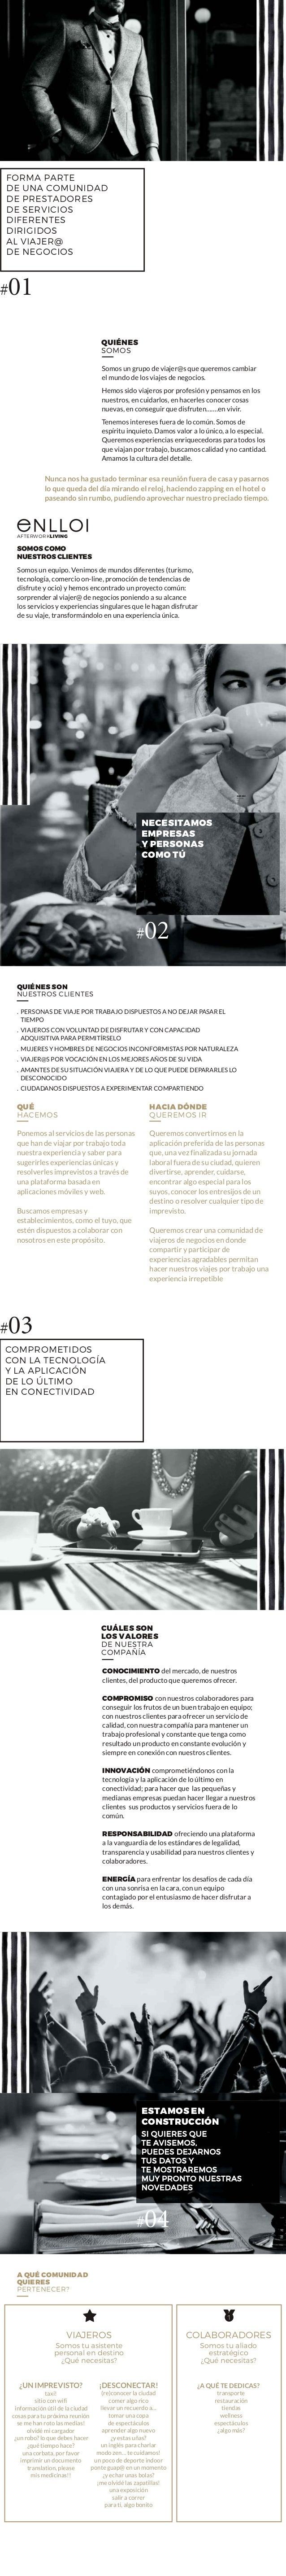 FORMA PARTE DE UNA COMUNIDAD DE PRESTADORES DE SERVICIOS DIFERENTES DIRIGIDOS AL VIAJER@ DE NEGOCIOS #01 Somos un grupo de...